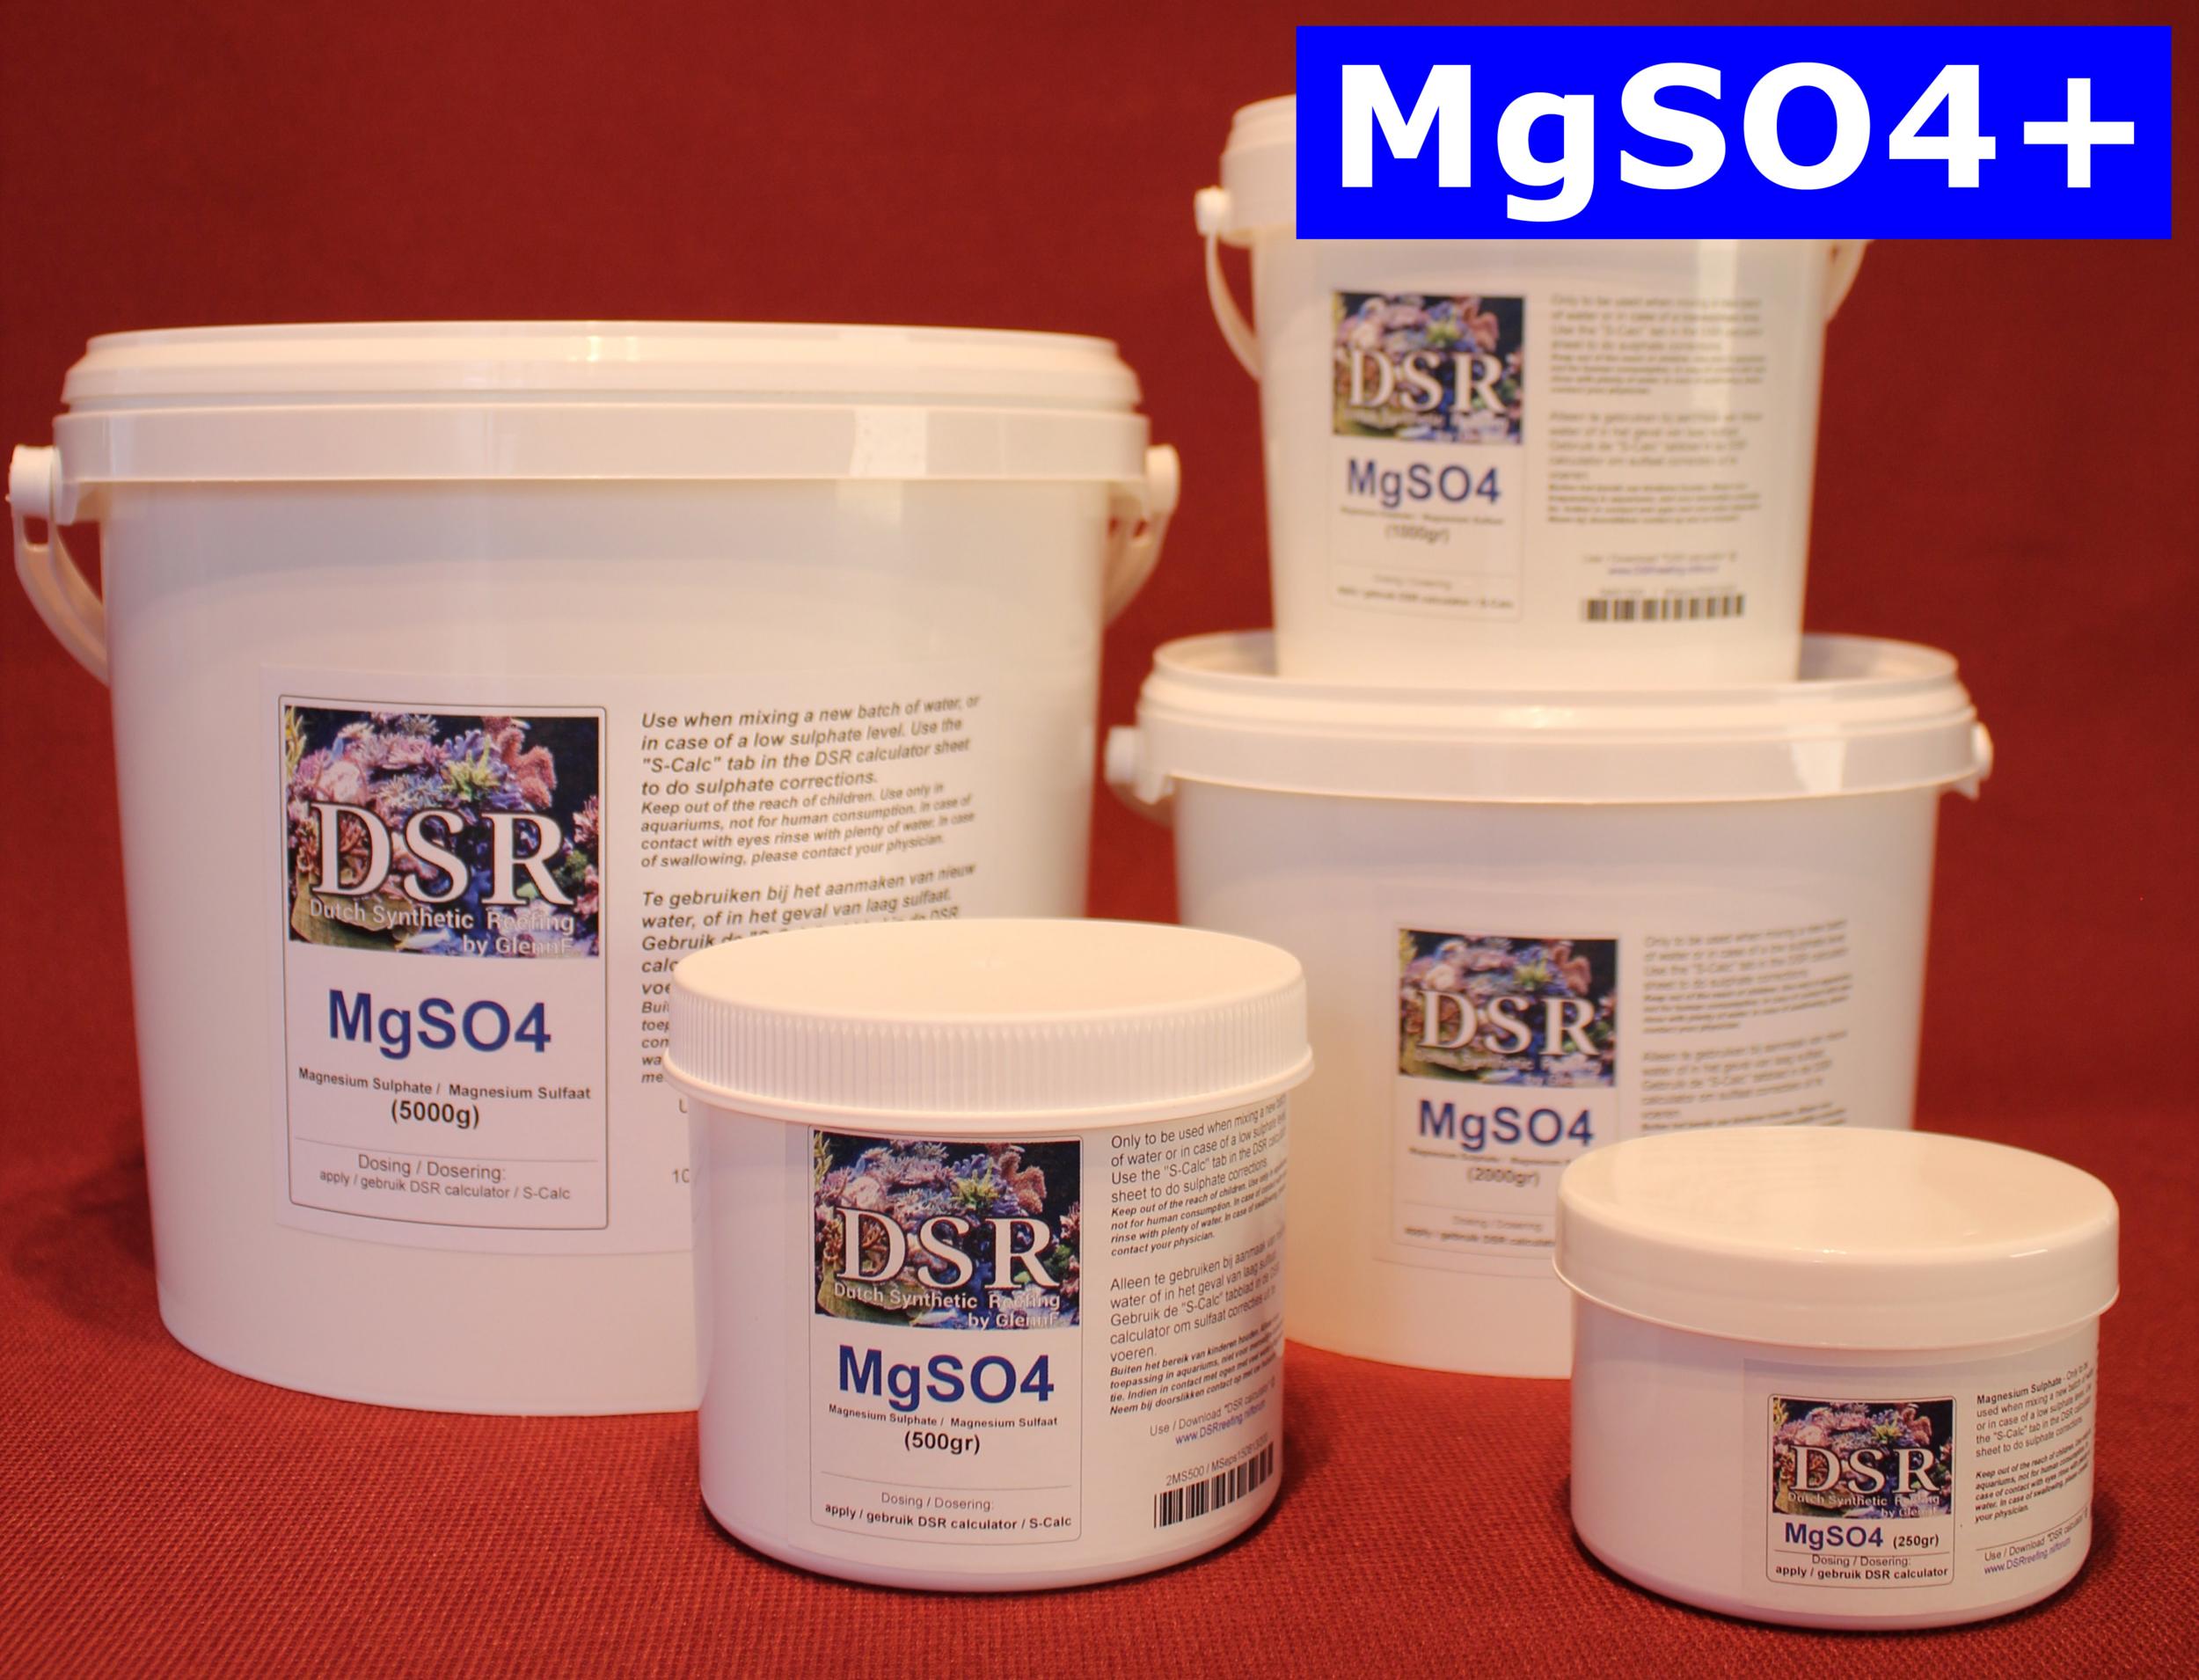 DSR MgSO4+ 1 Kg complément de Magnésium avec Sulfate pour eau douce de remplacement